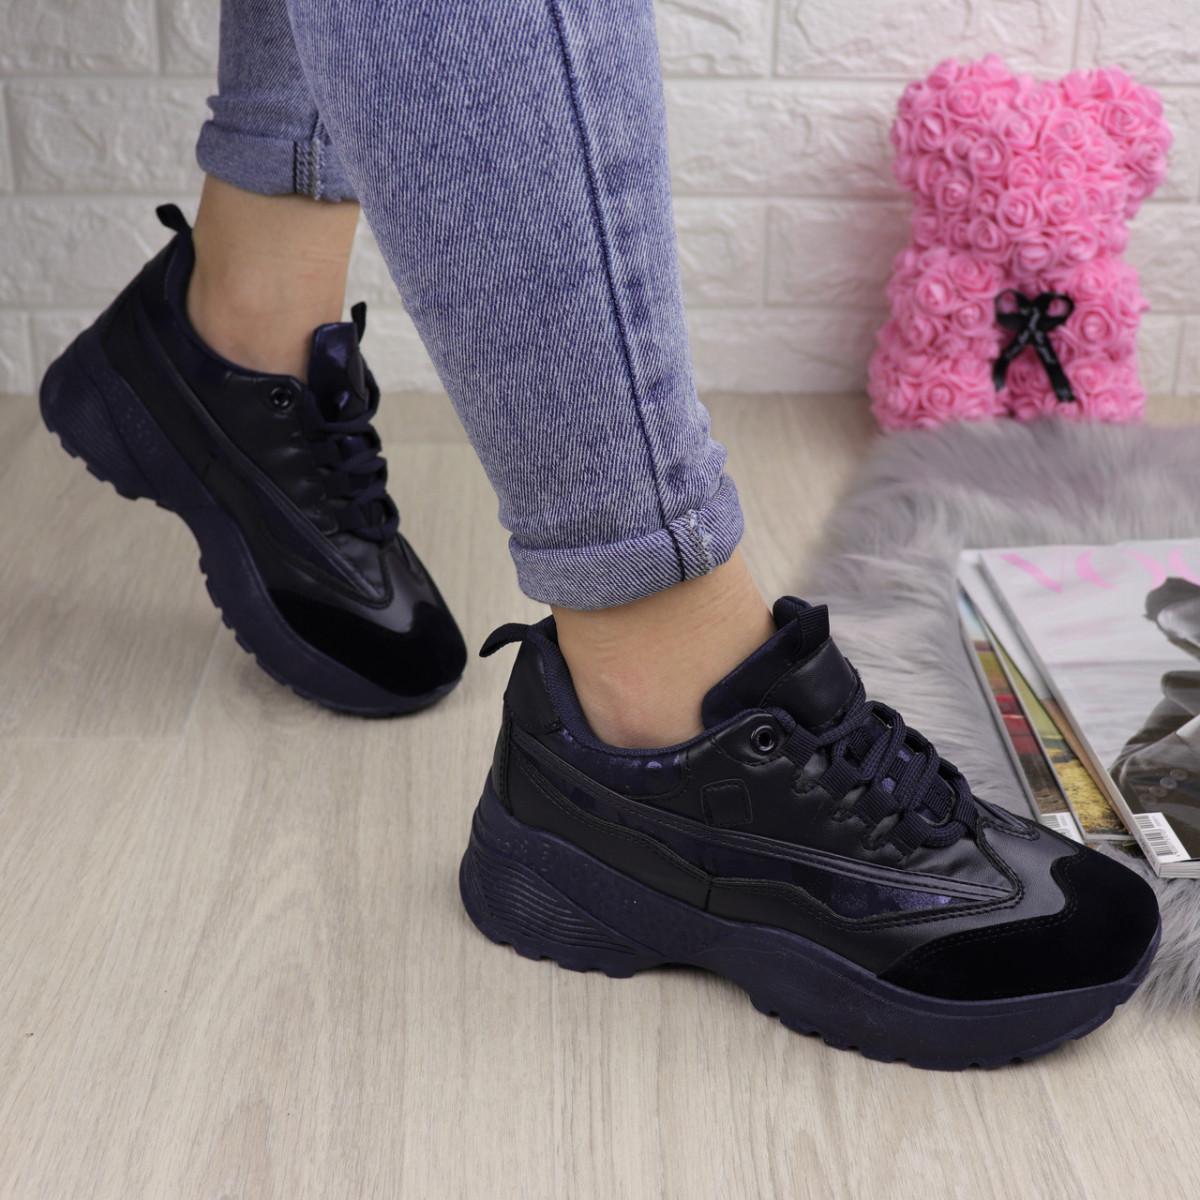 Женские стильные кроссовки Ella темно синие 1096 (38 размер)